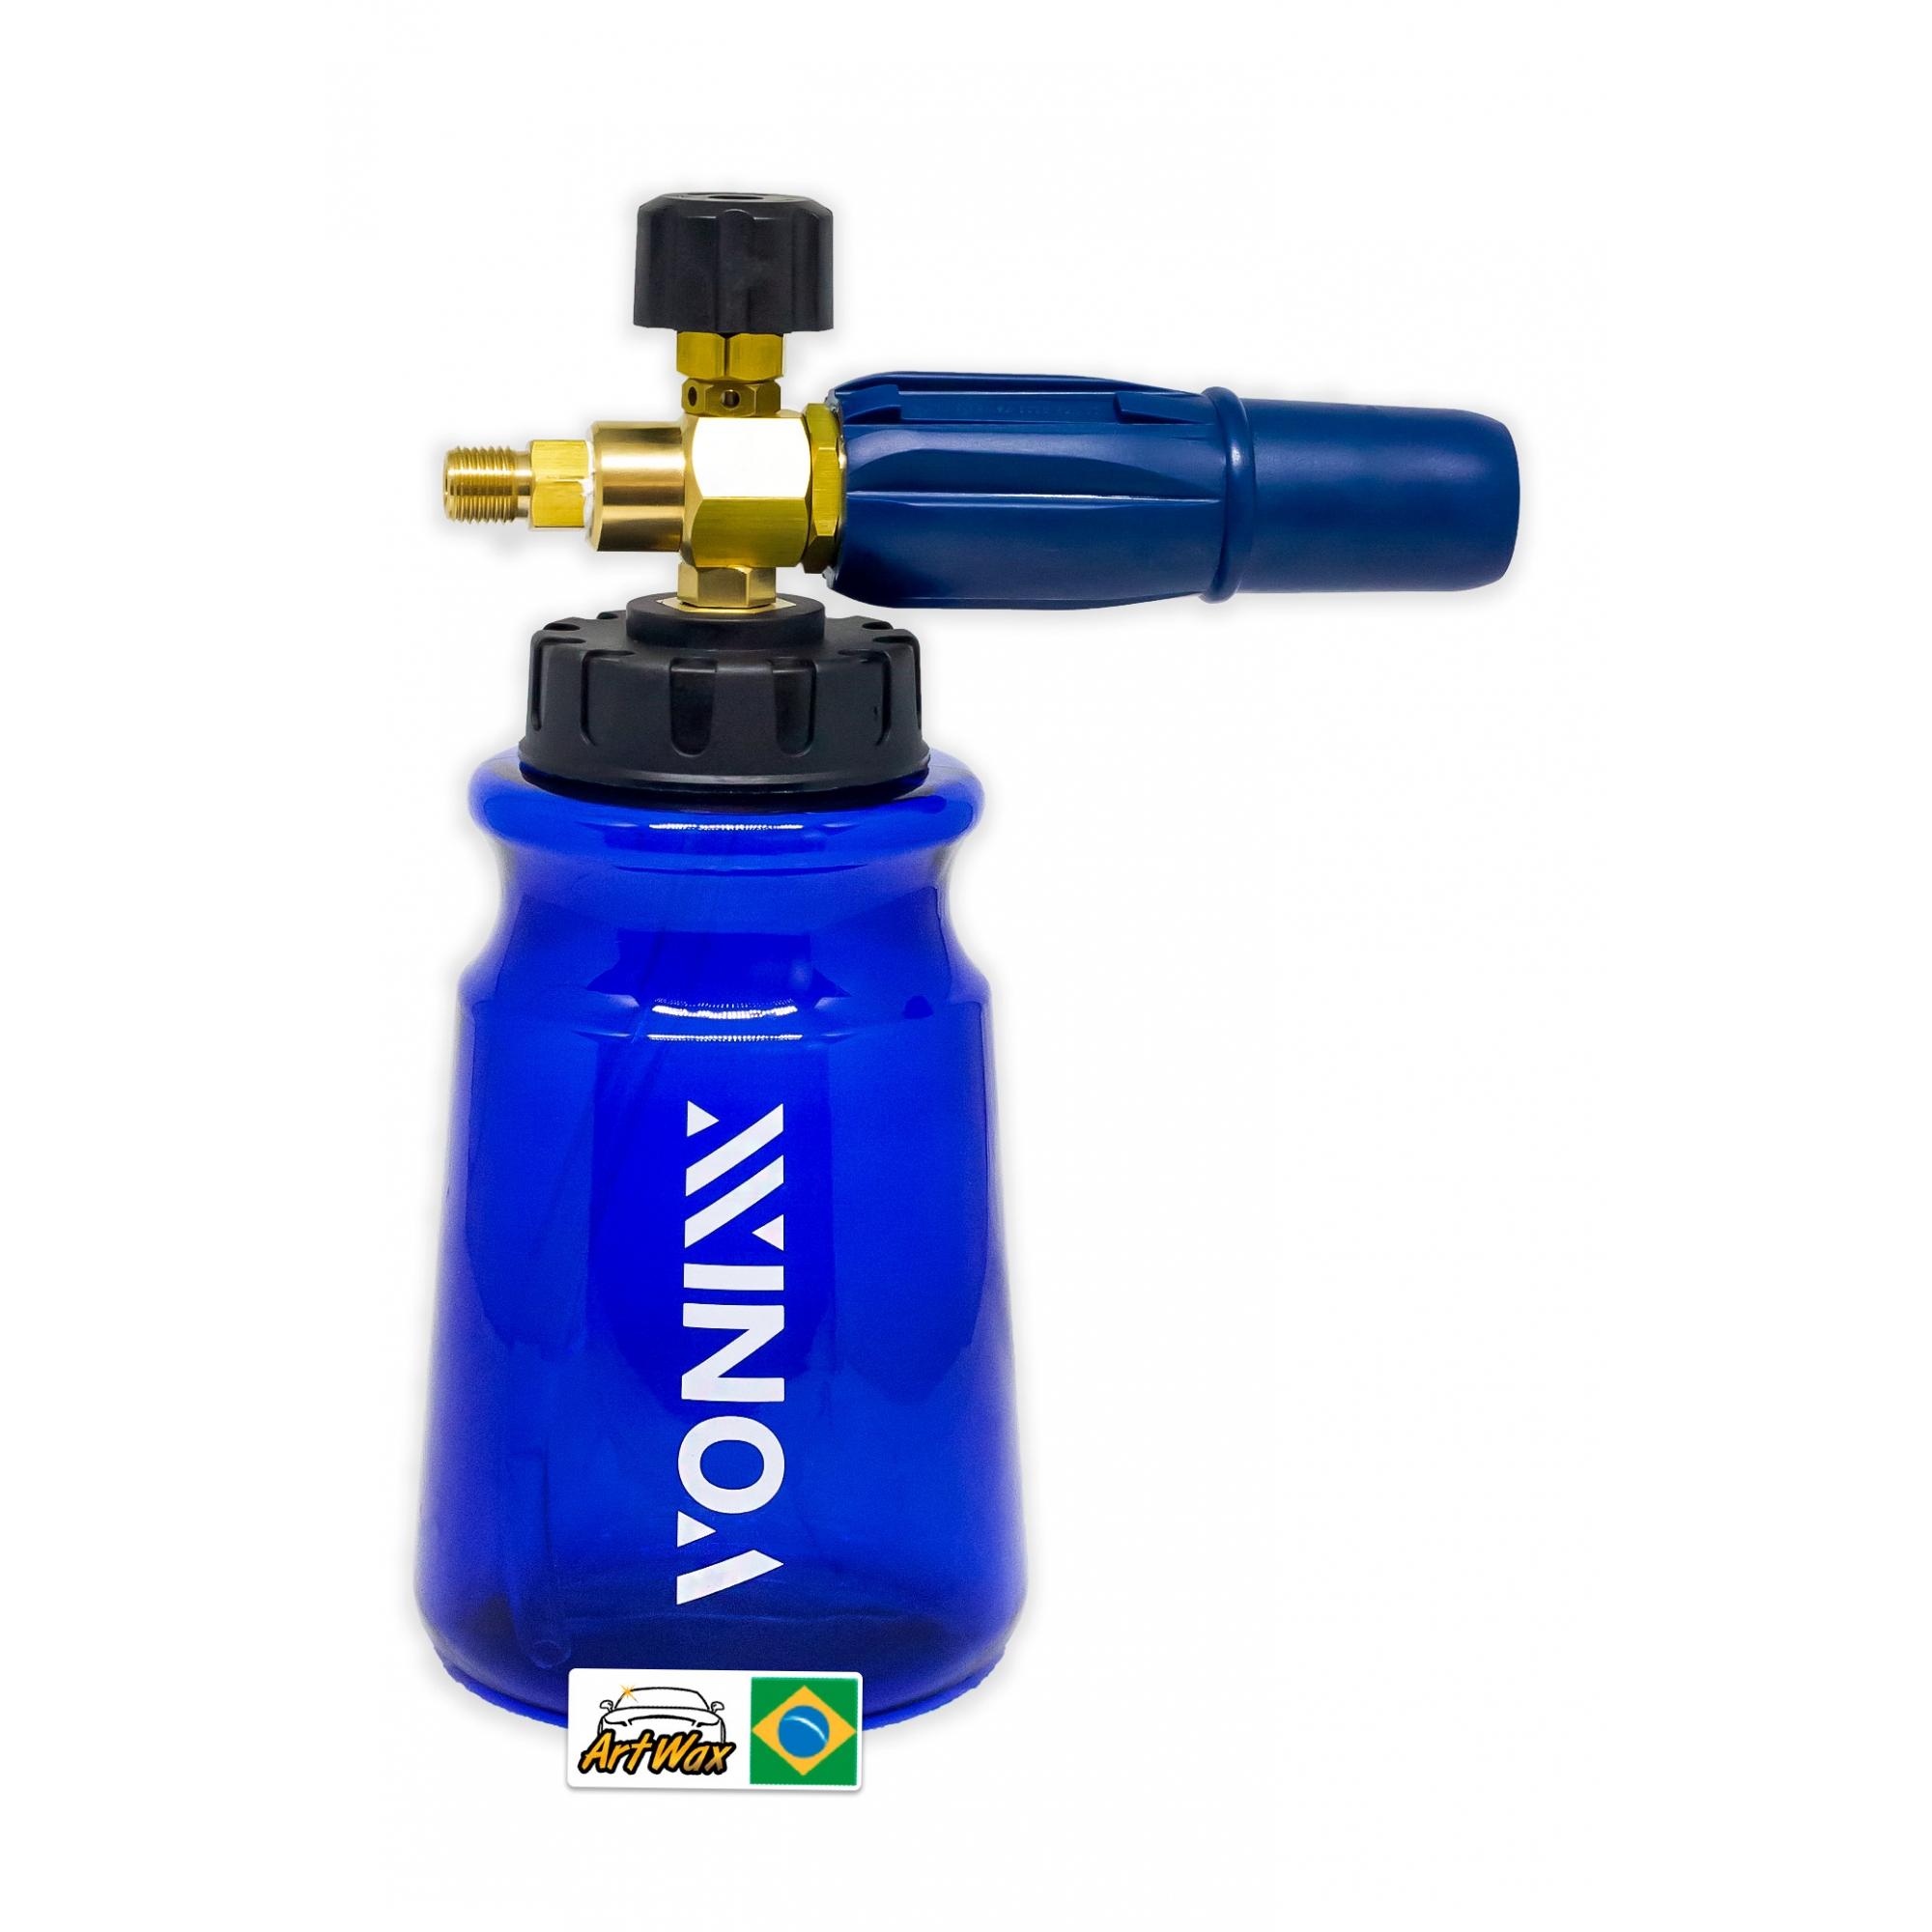 Vonixx Canhão de Espuma Snow Foam Fast 1L - Resistente do pH 4 à 10